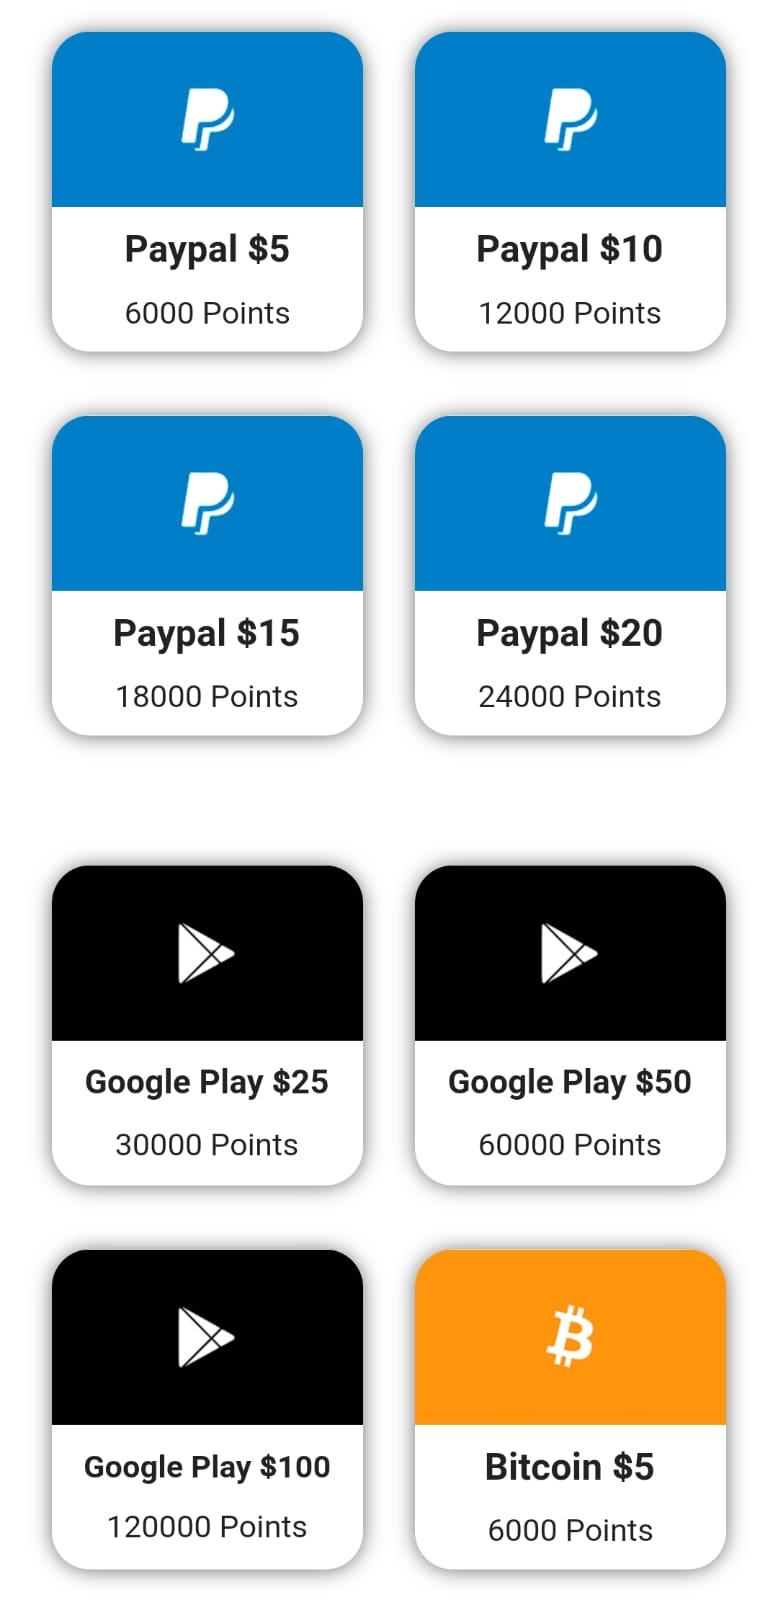 تطبيق بسيط وسهل لربح رصيد باي بال مجانا 2021 + ربح بطاقات جوجل بلاي مجانا 2021 + جواهر فري فاير مجانا 2021